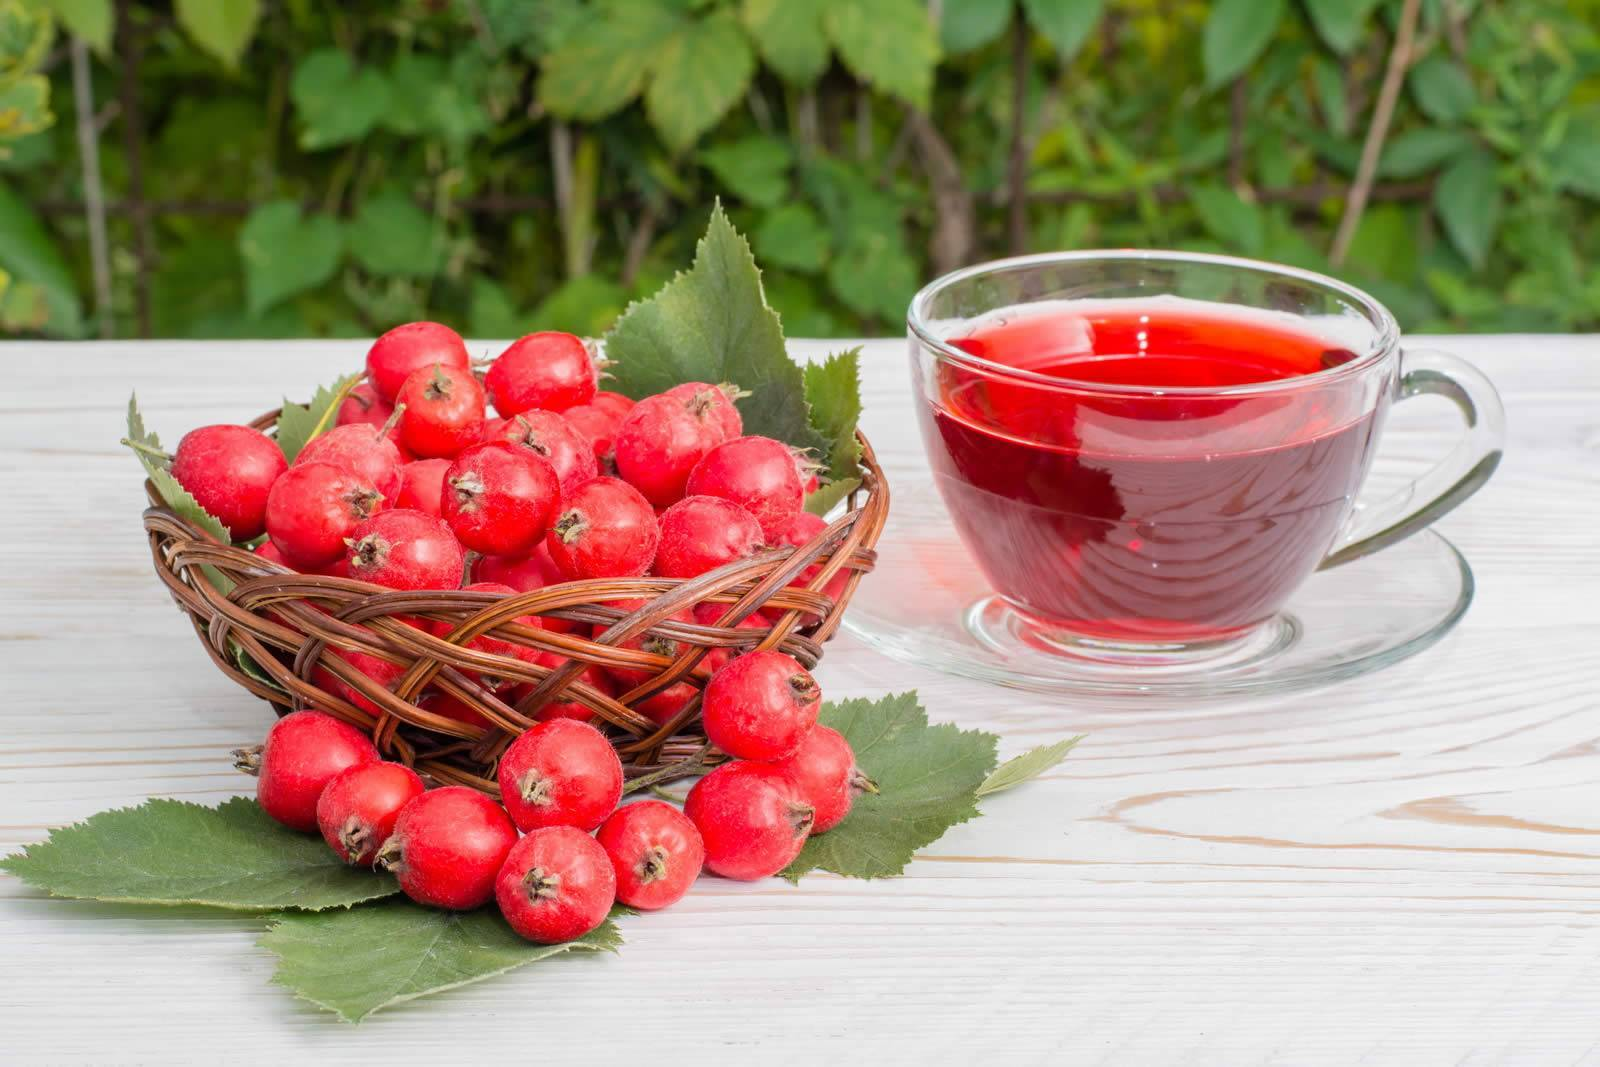 Боярышник — удивительный кустарник из сибири с лечебными и декоративными свойствами